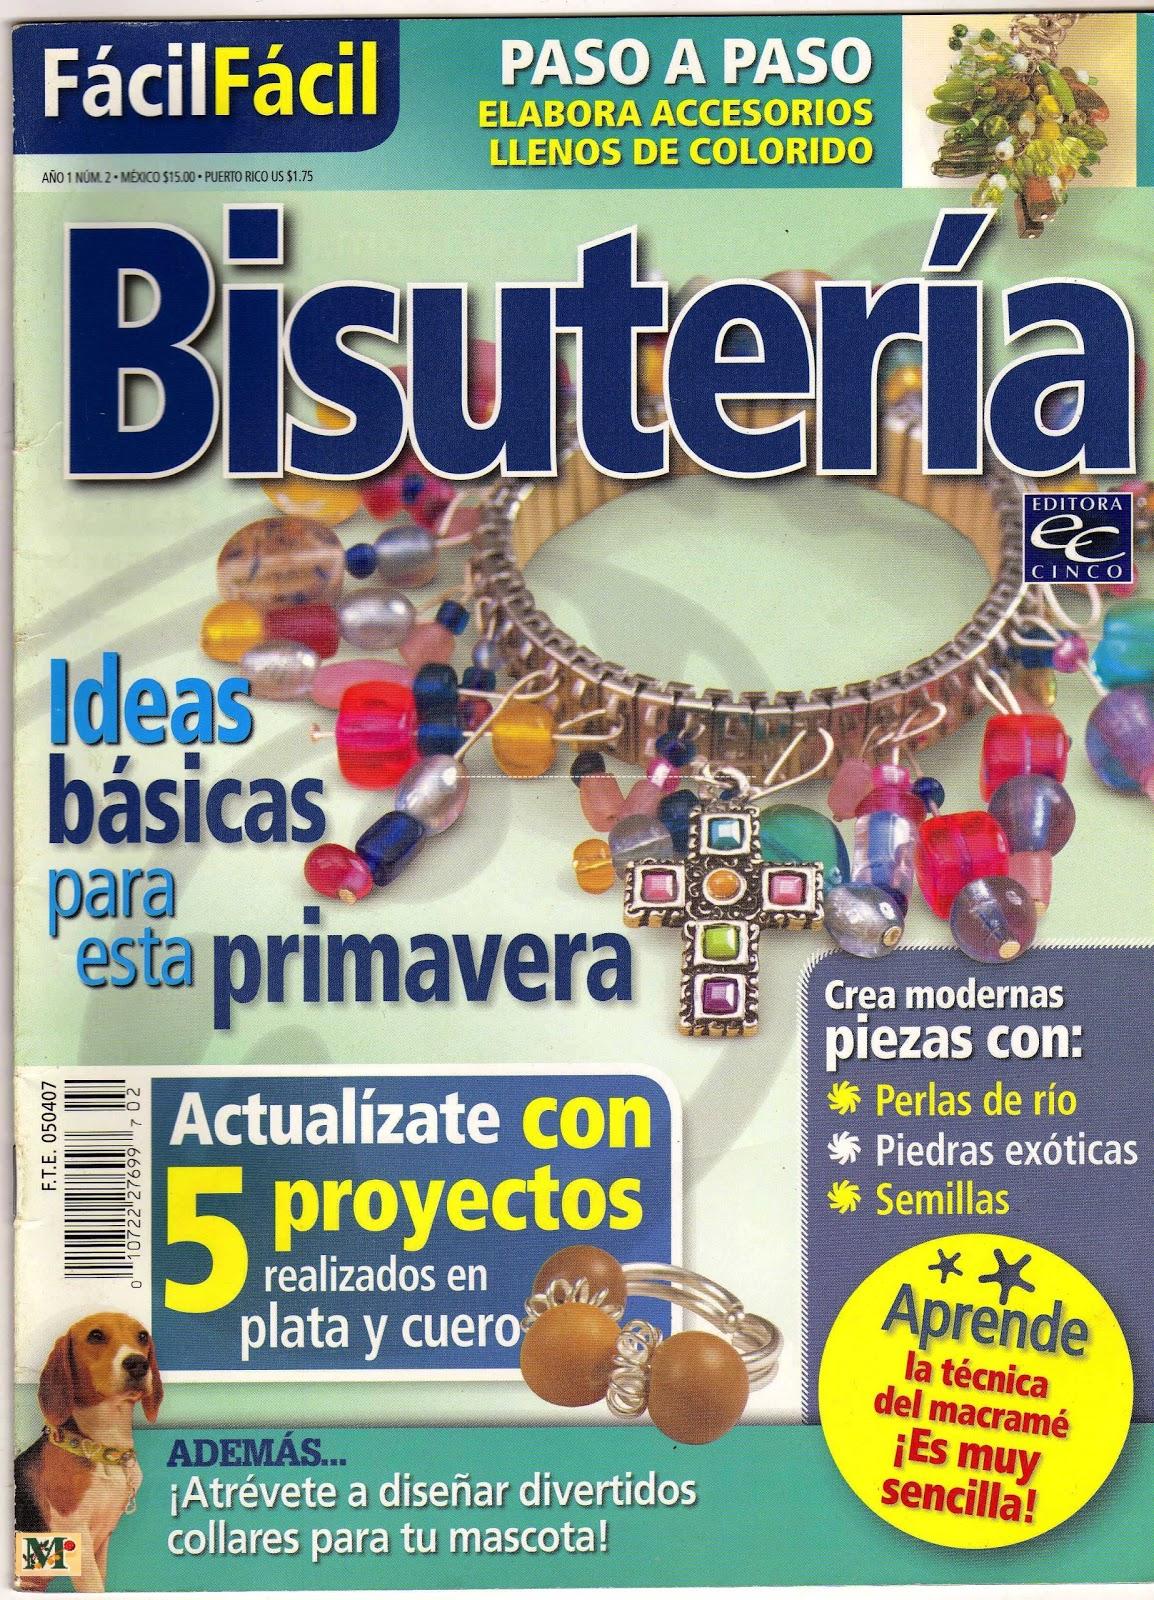 revistas de bisuteria para descargar gratis